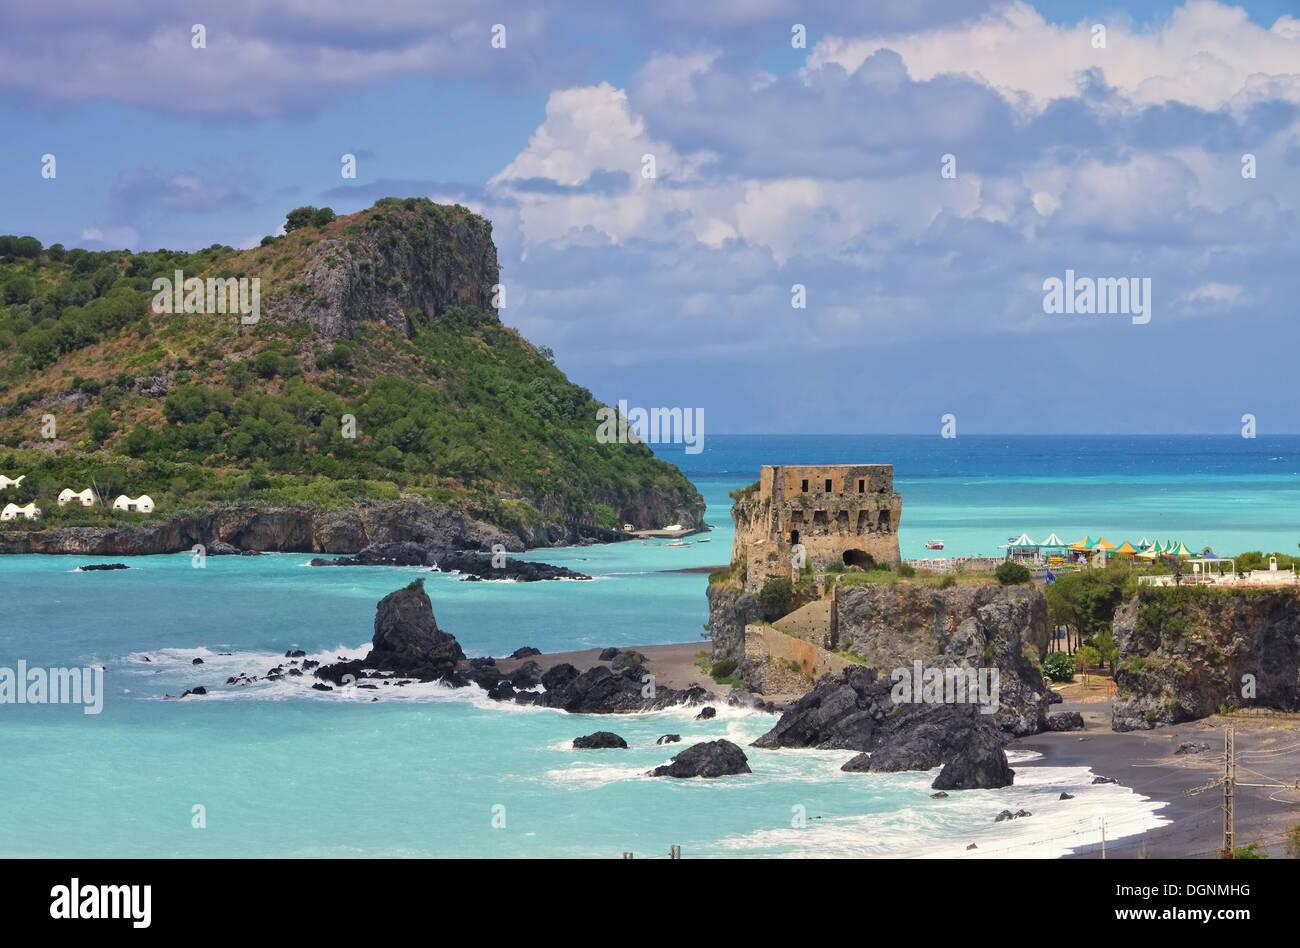 Isola di Dino 01 - Stock Image